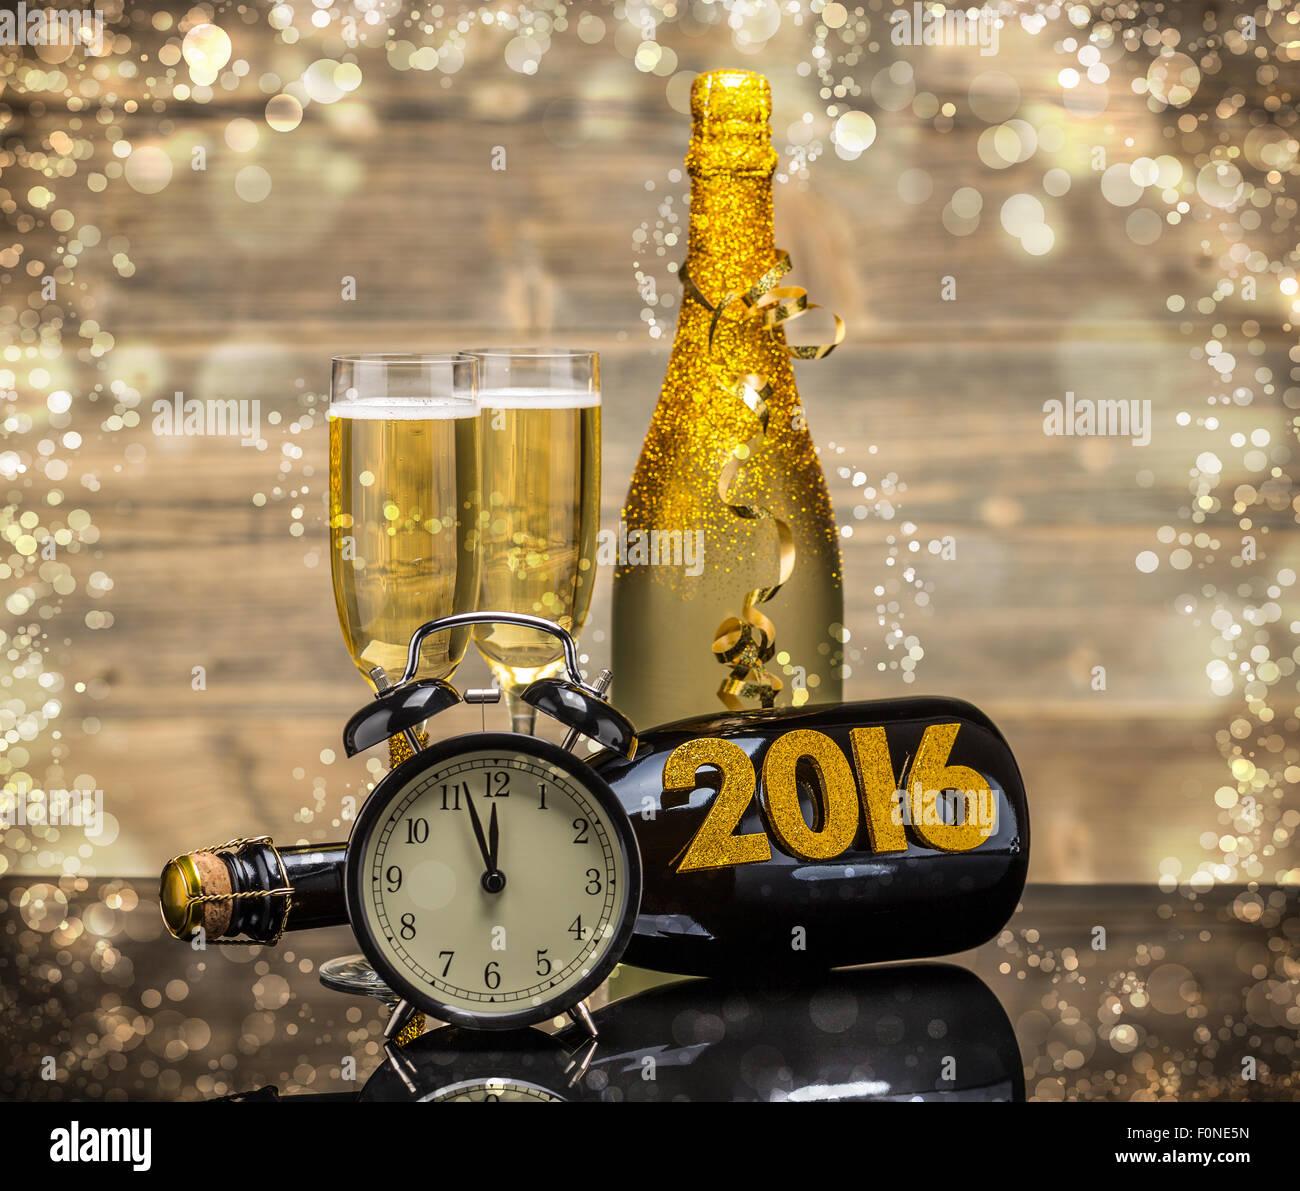 2016 New Years Eve celebration background - Stock Image